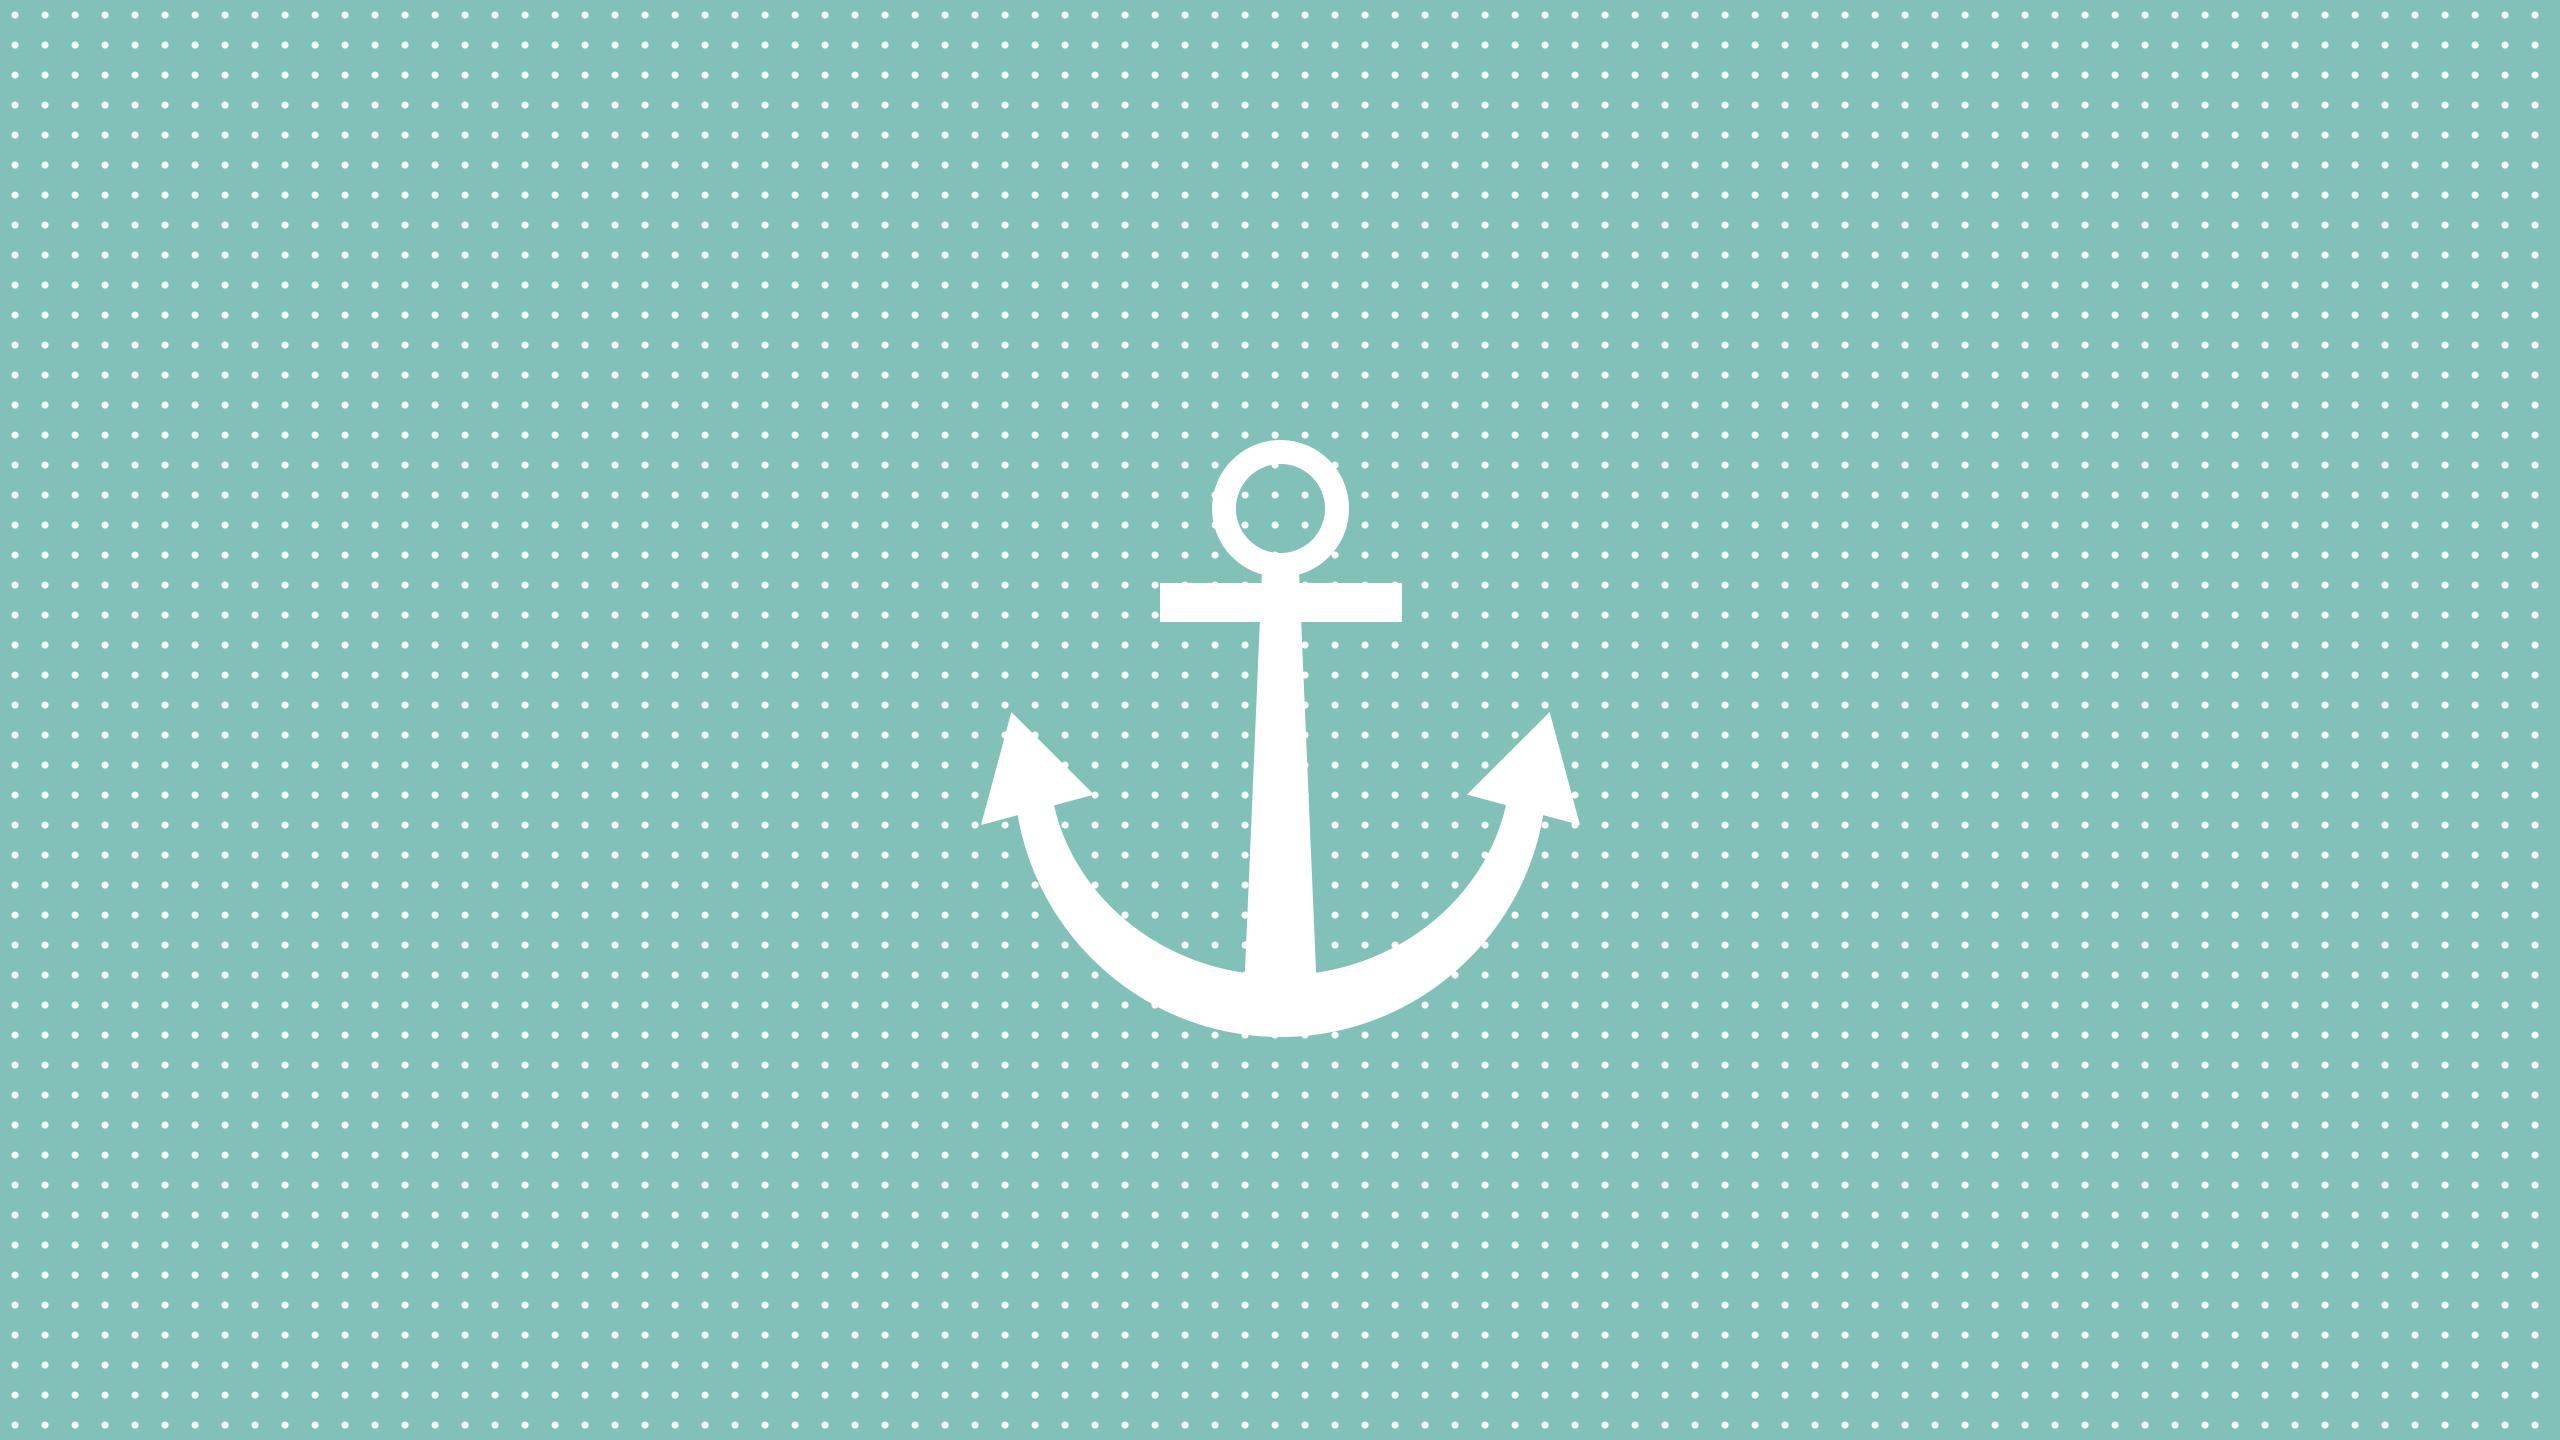 Anchor Wallpaper for Desktop - WallpaperSafari